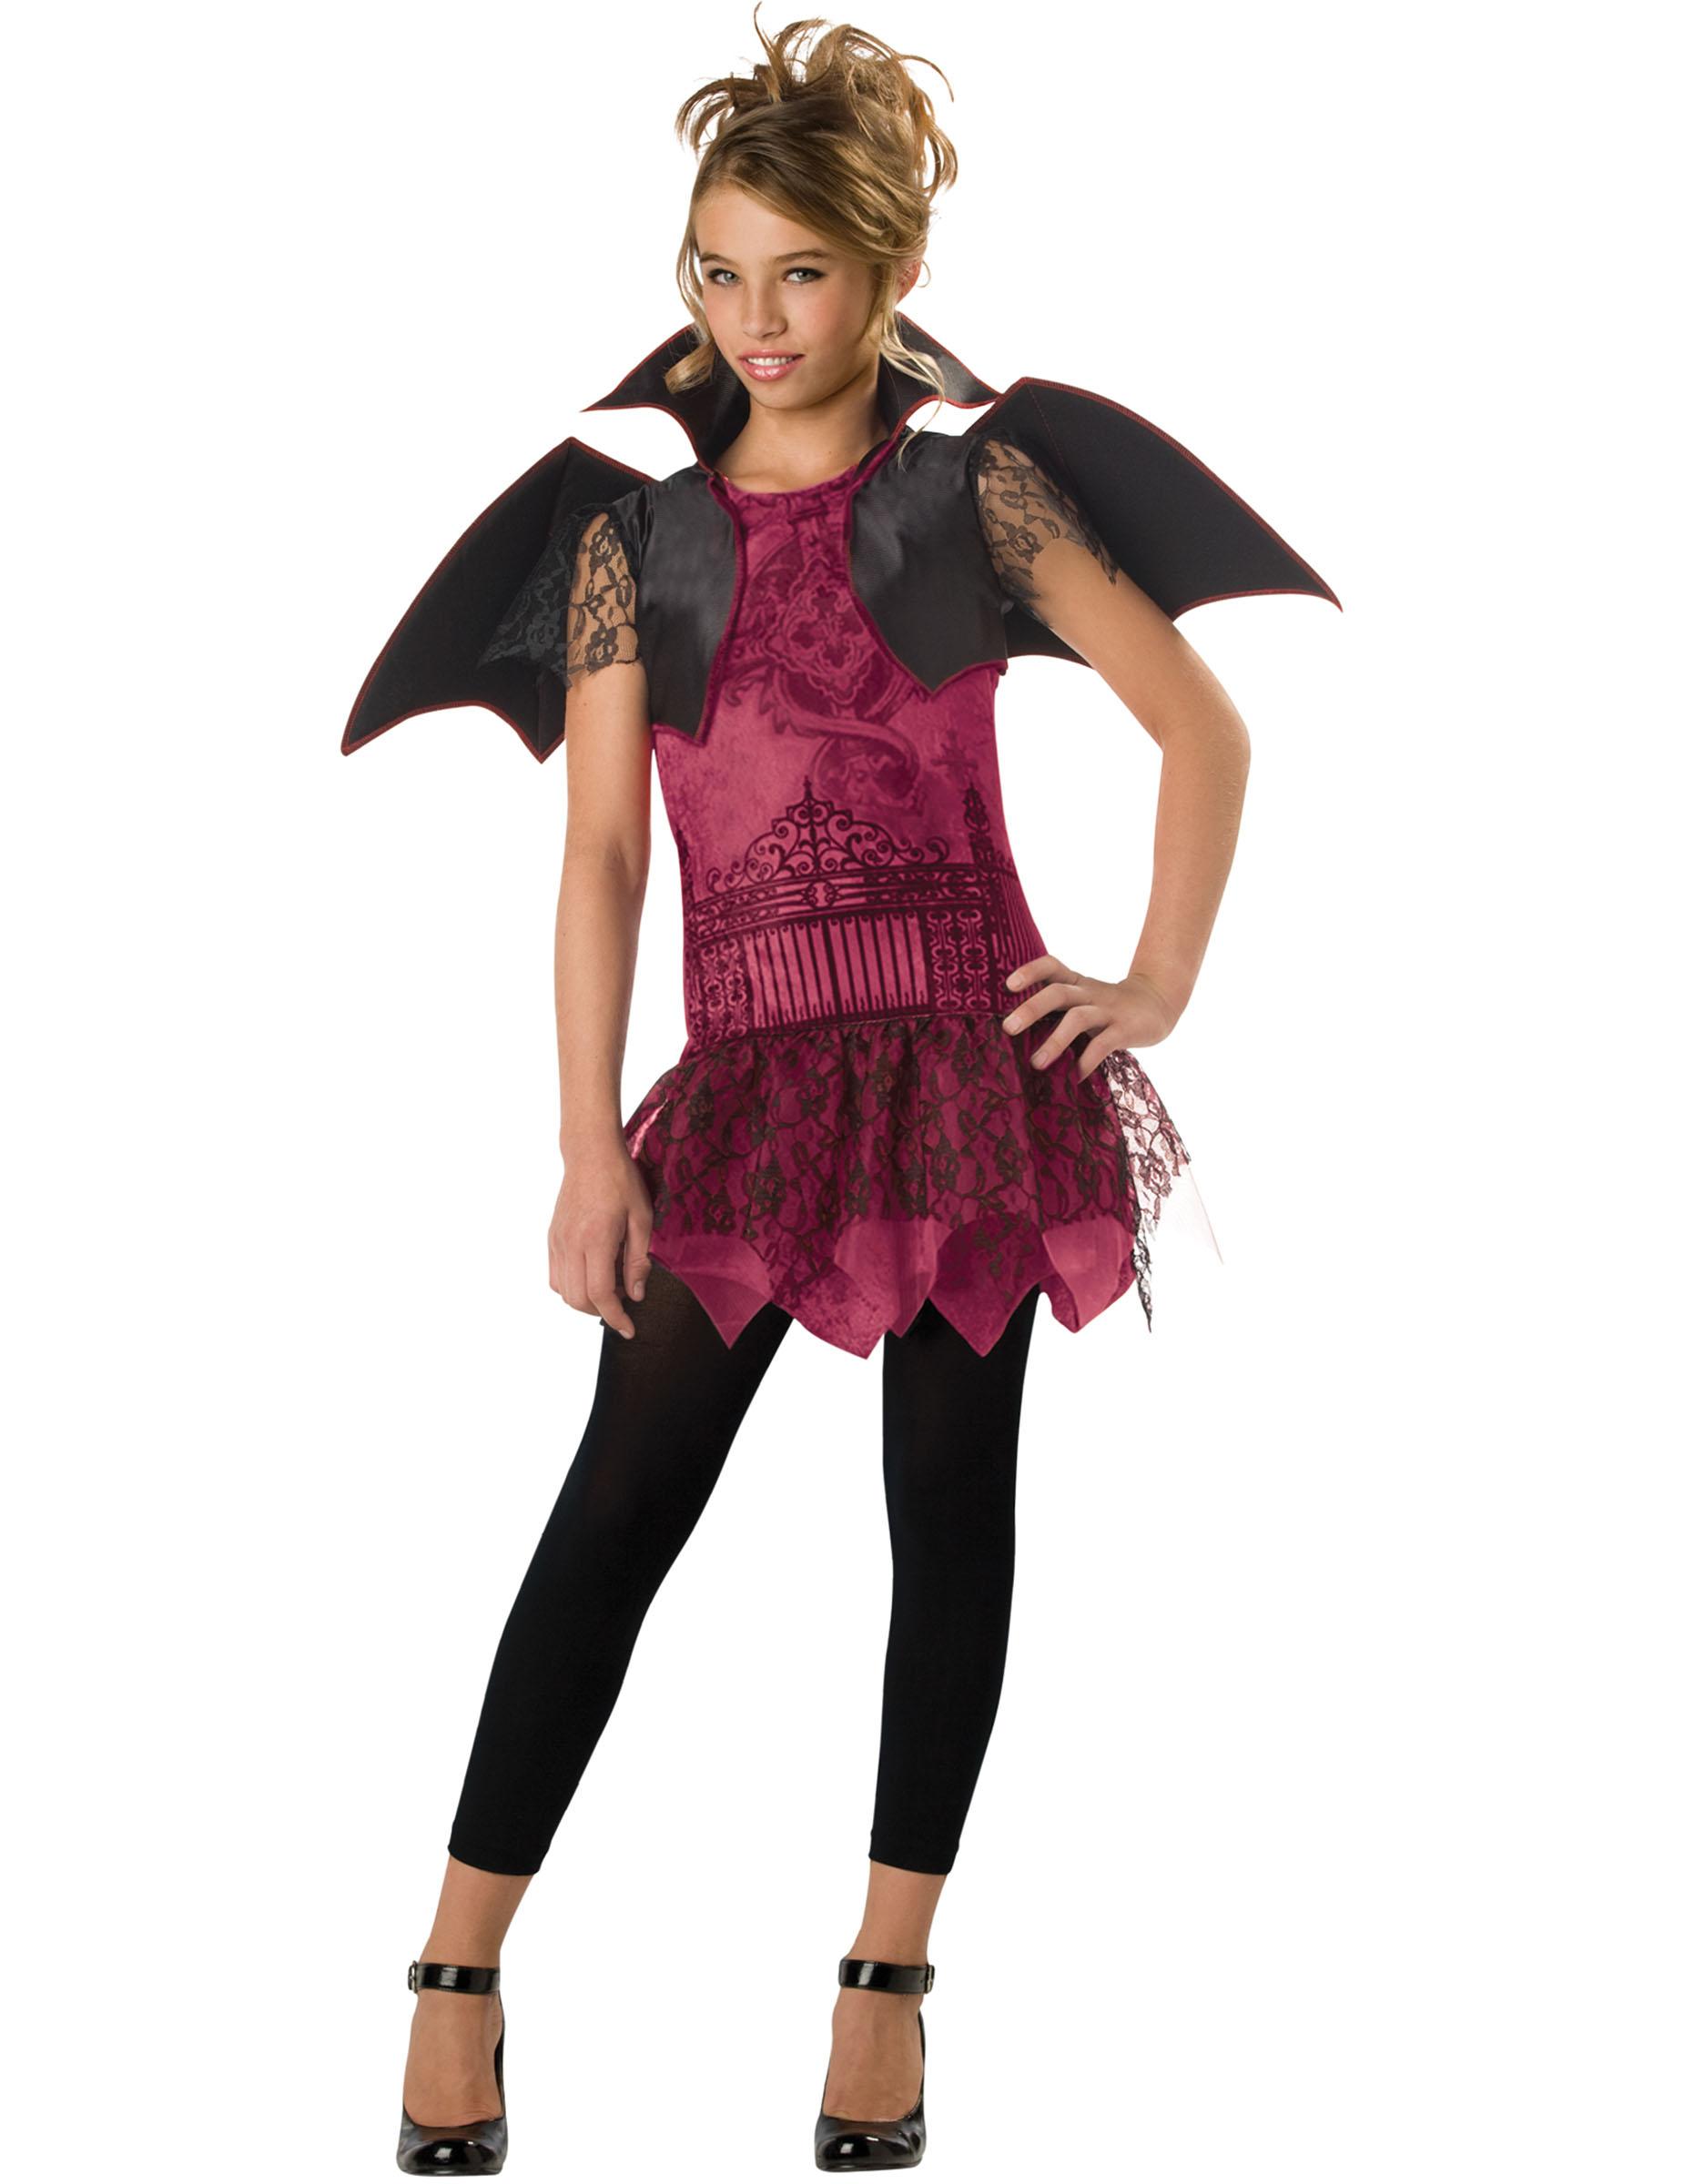 Costume pipistrello ragazza  br   - Premium su VegaooParty 2dde6f4afe3a